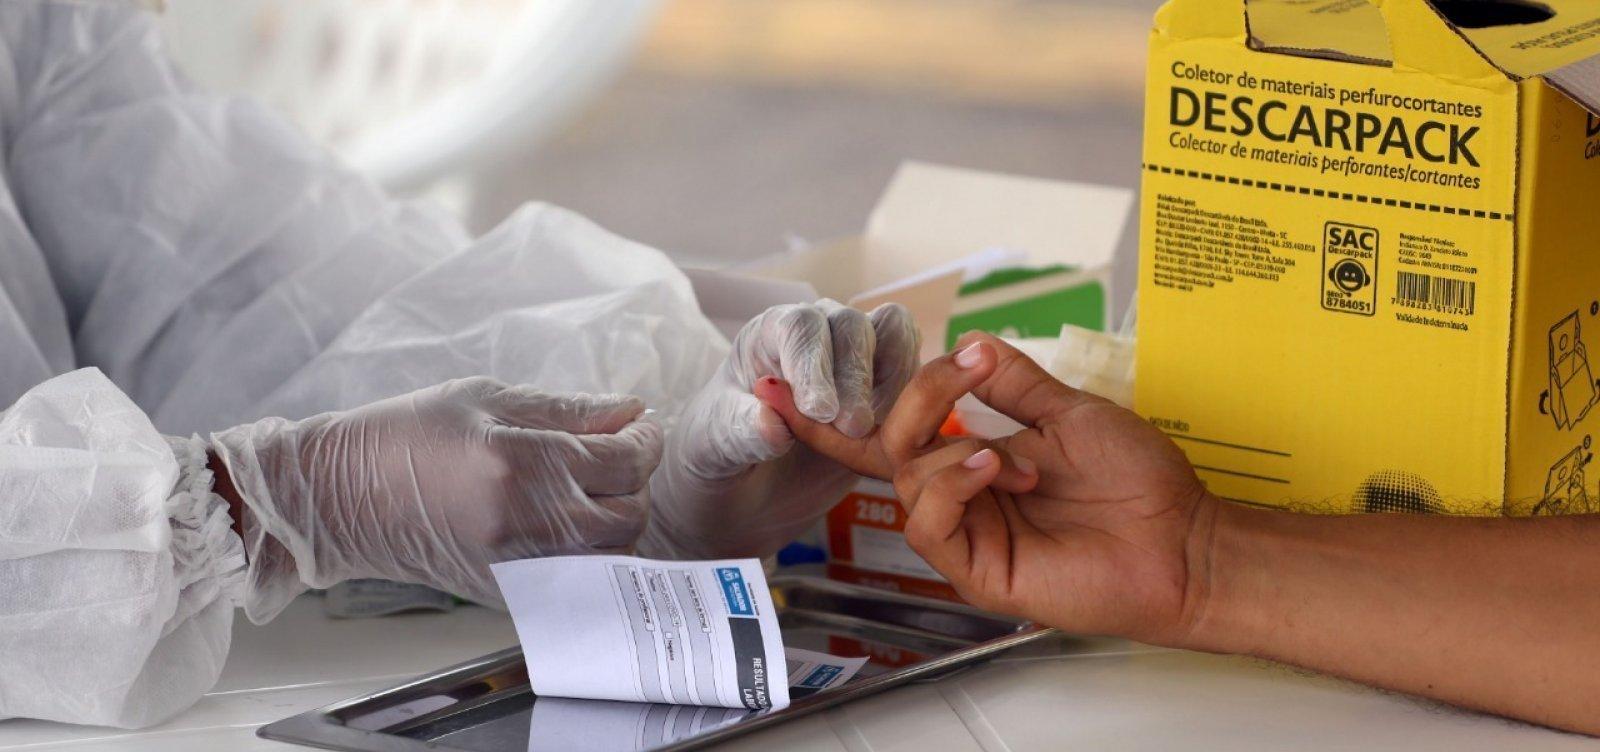 Covid-19: Salvador contabiliza 750 casos e 11 mortes em 24h